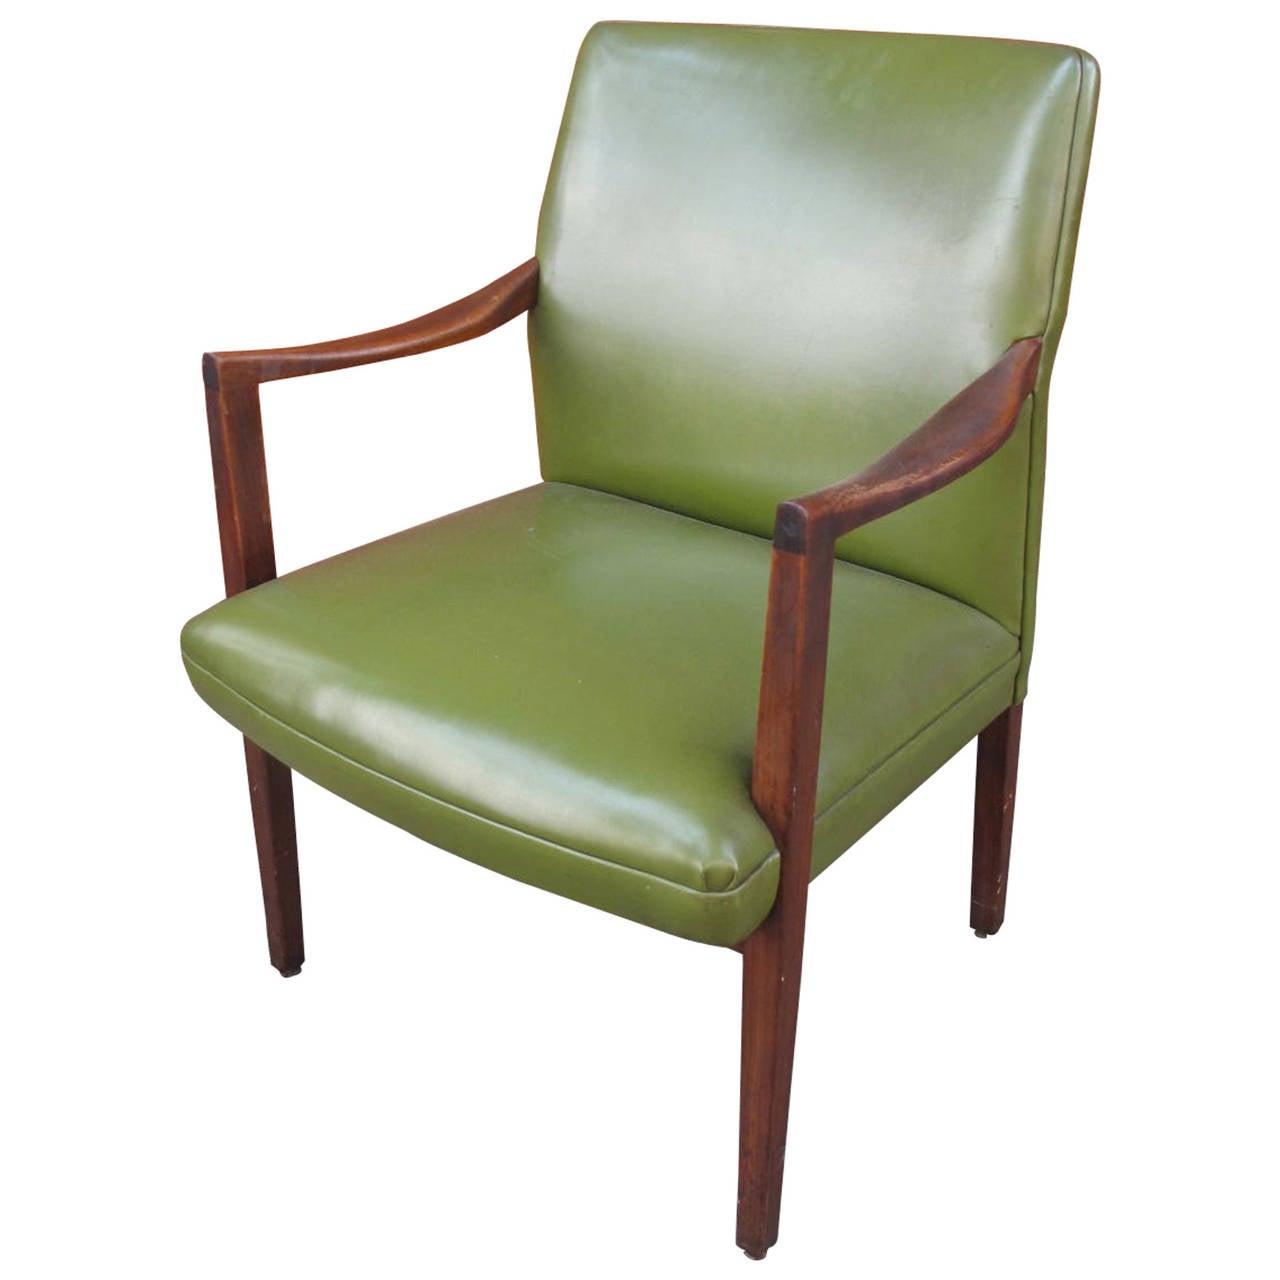 Mid Century Modern Armchairs: Mid-Century Modern Green Vinyl Armchair At 1stdibs